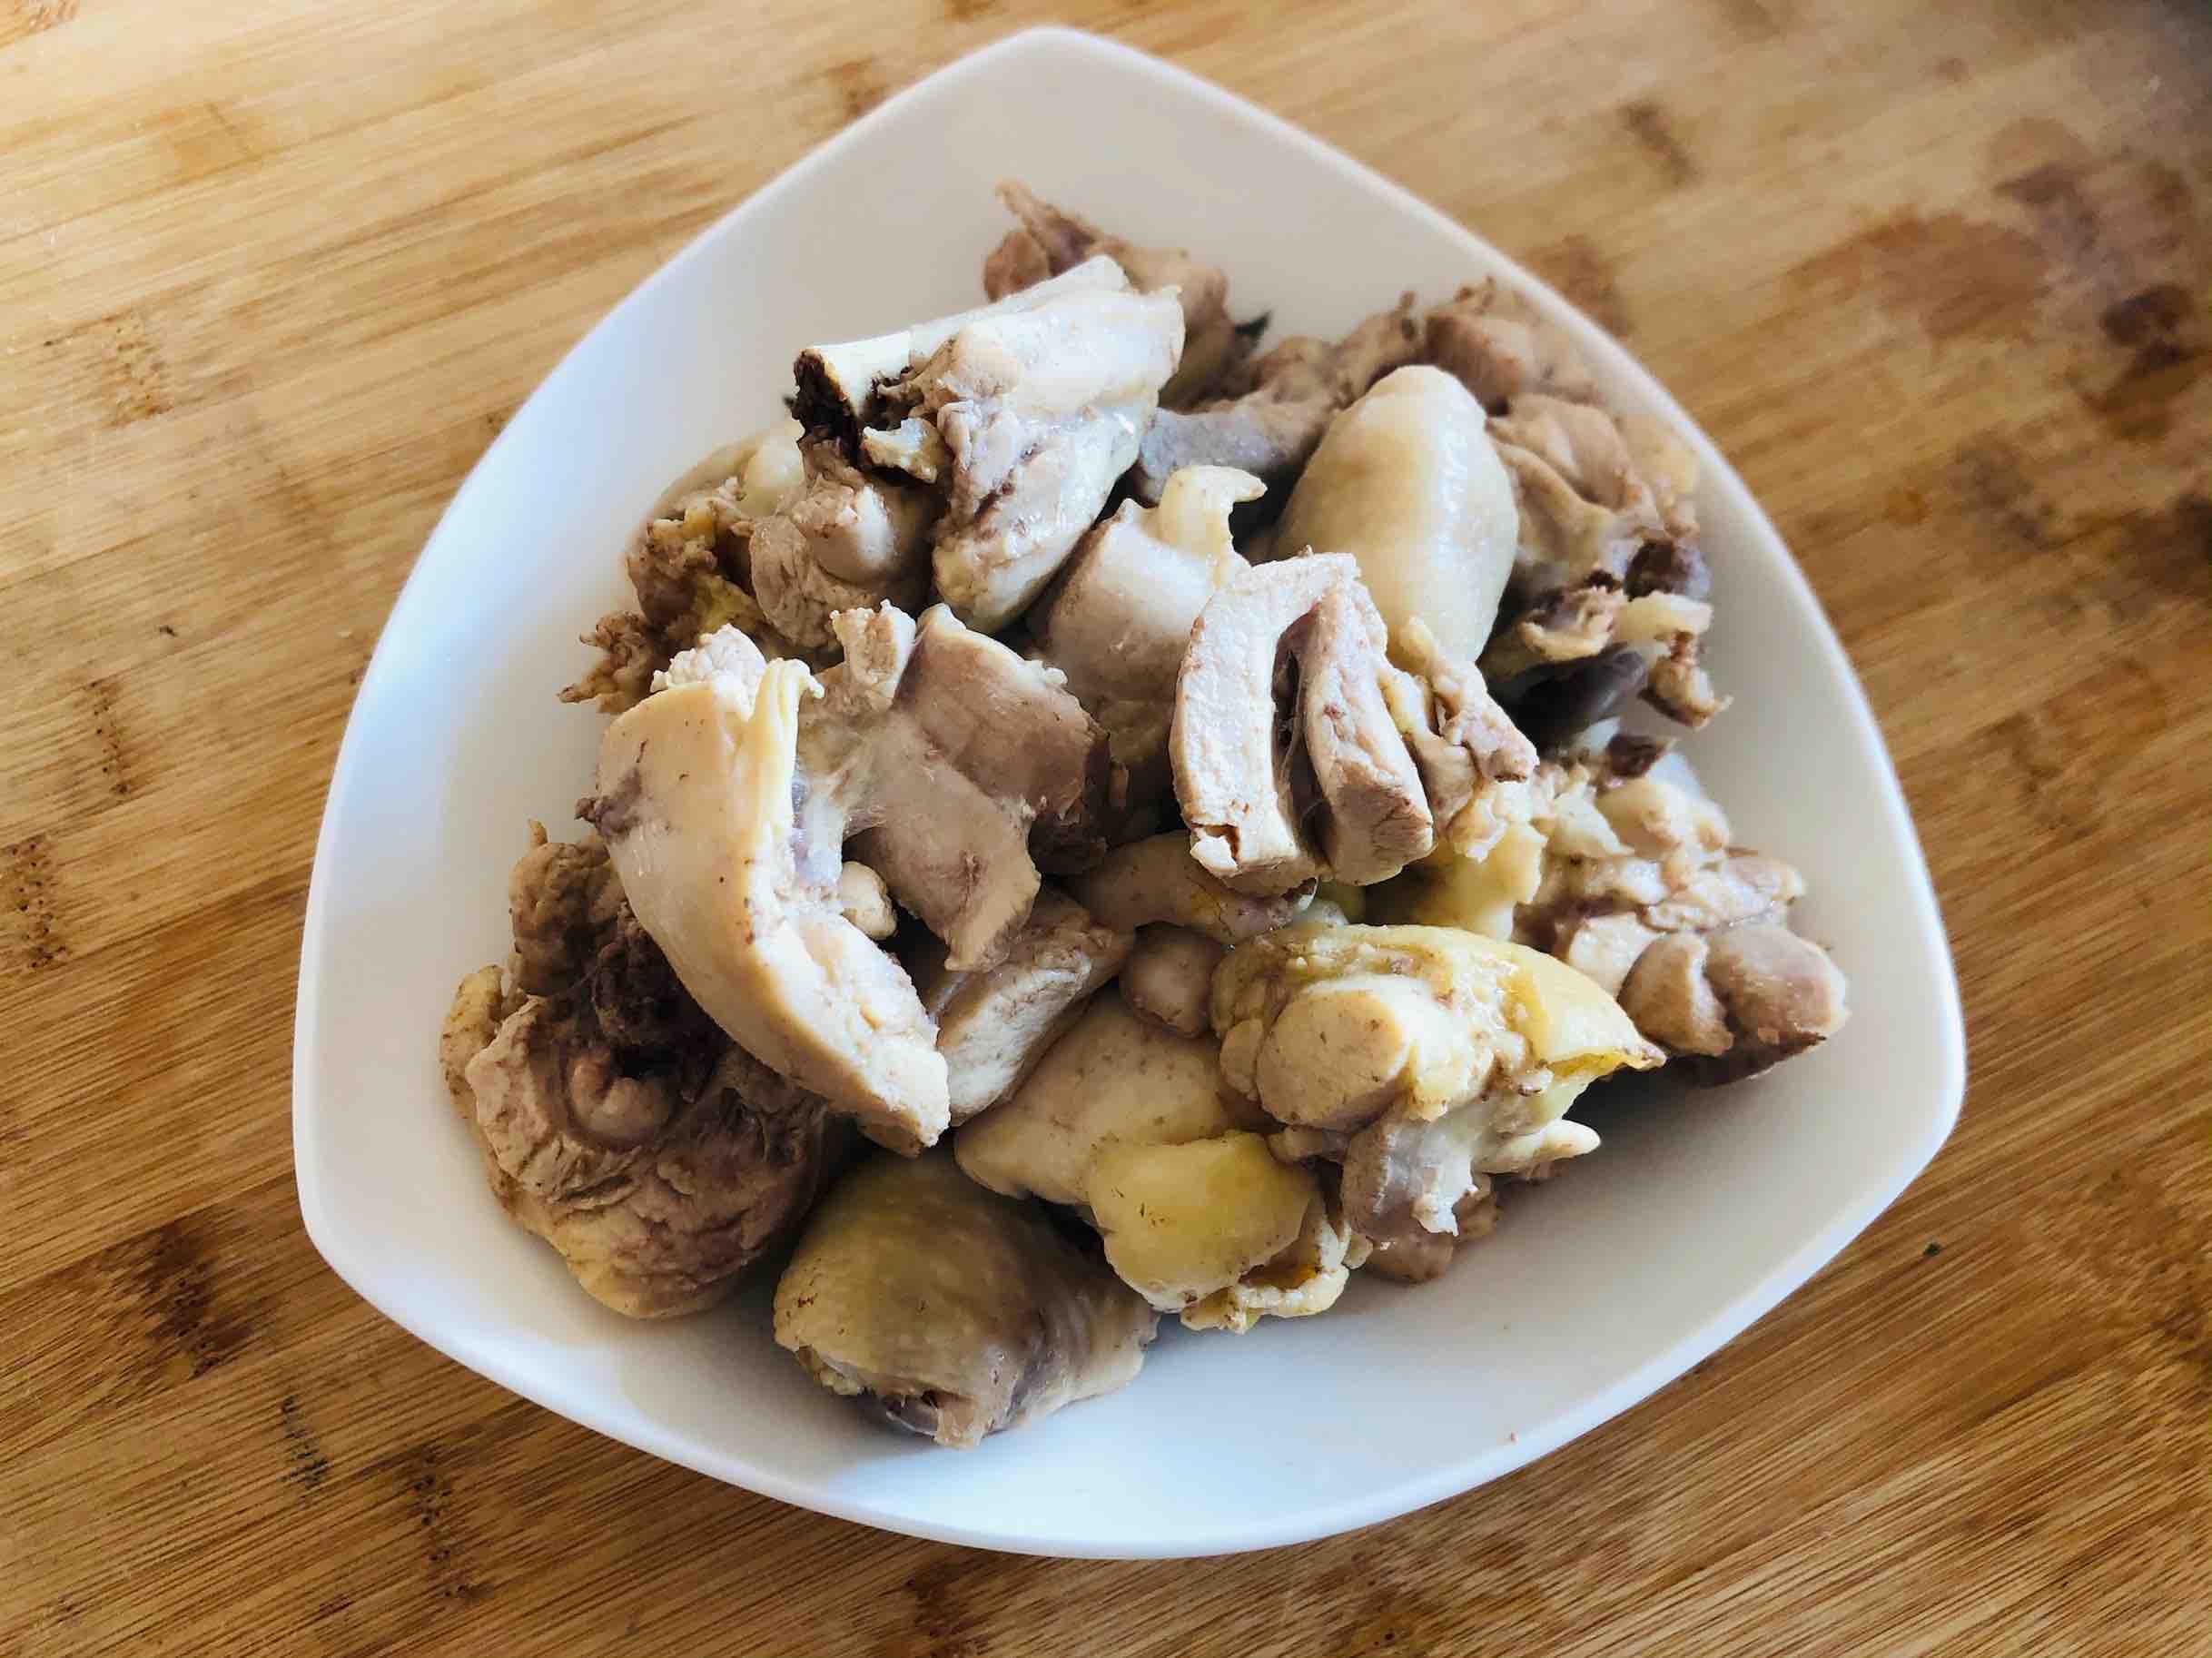 火锅鸡的家常做法,香辣过瘾简单易做,配米饭太下饭啦怎么炒